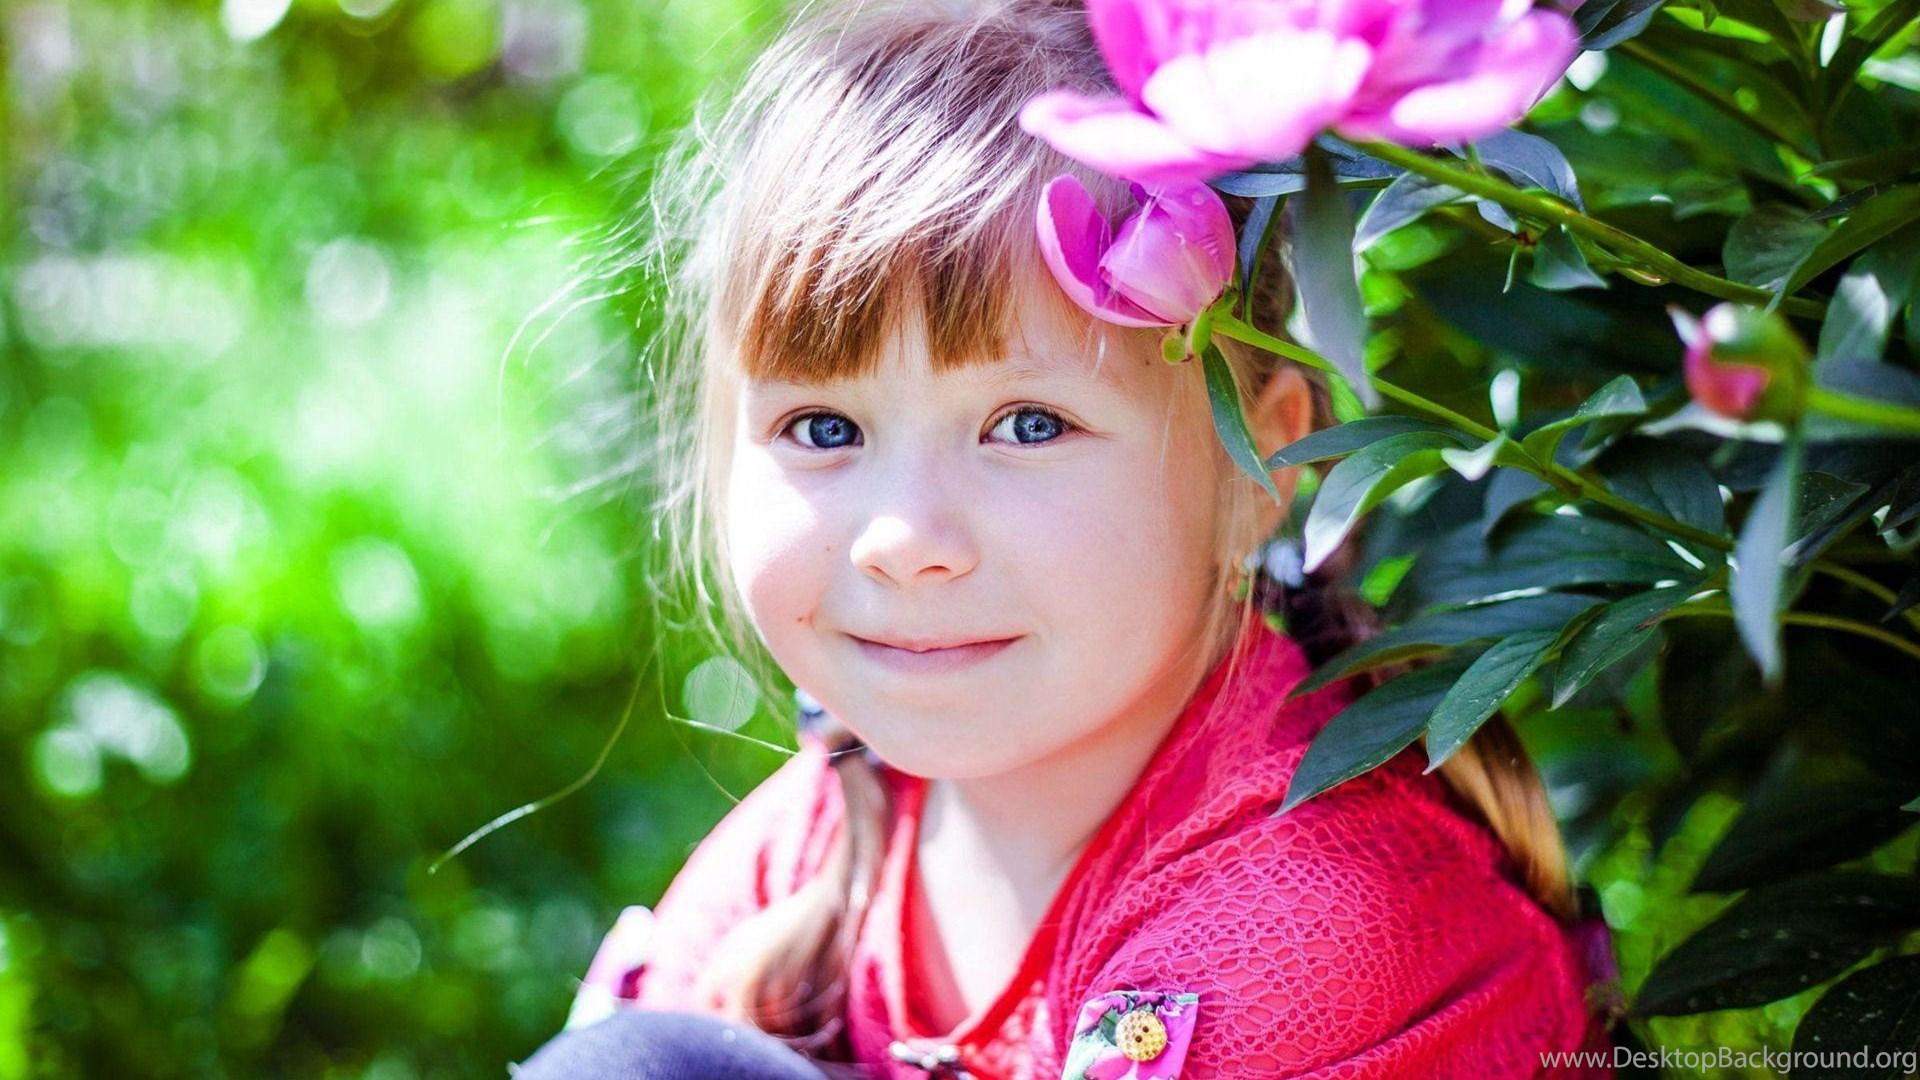 cute baby girl in pink dress wallpapers wear desktop background